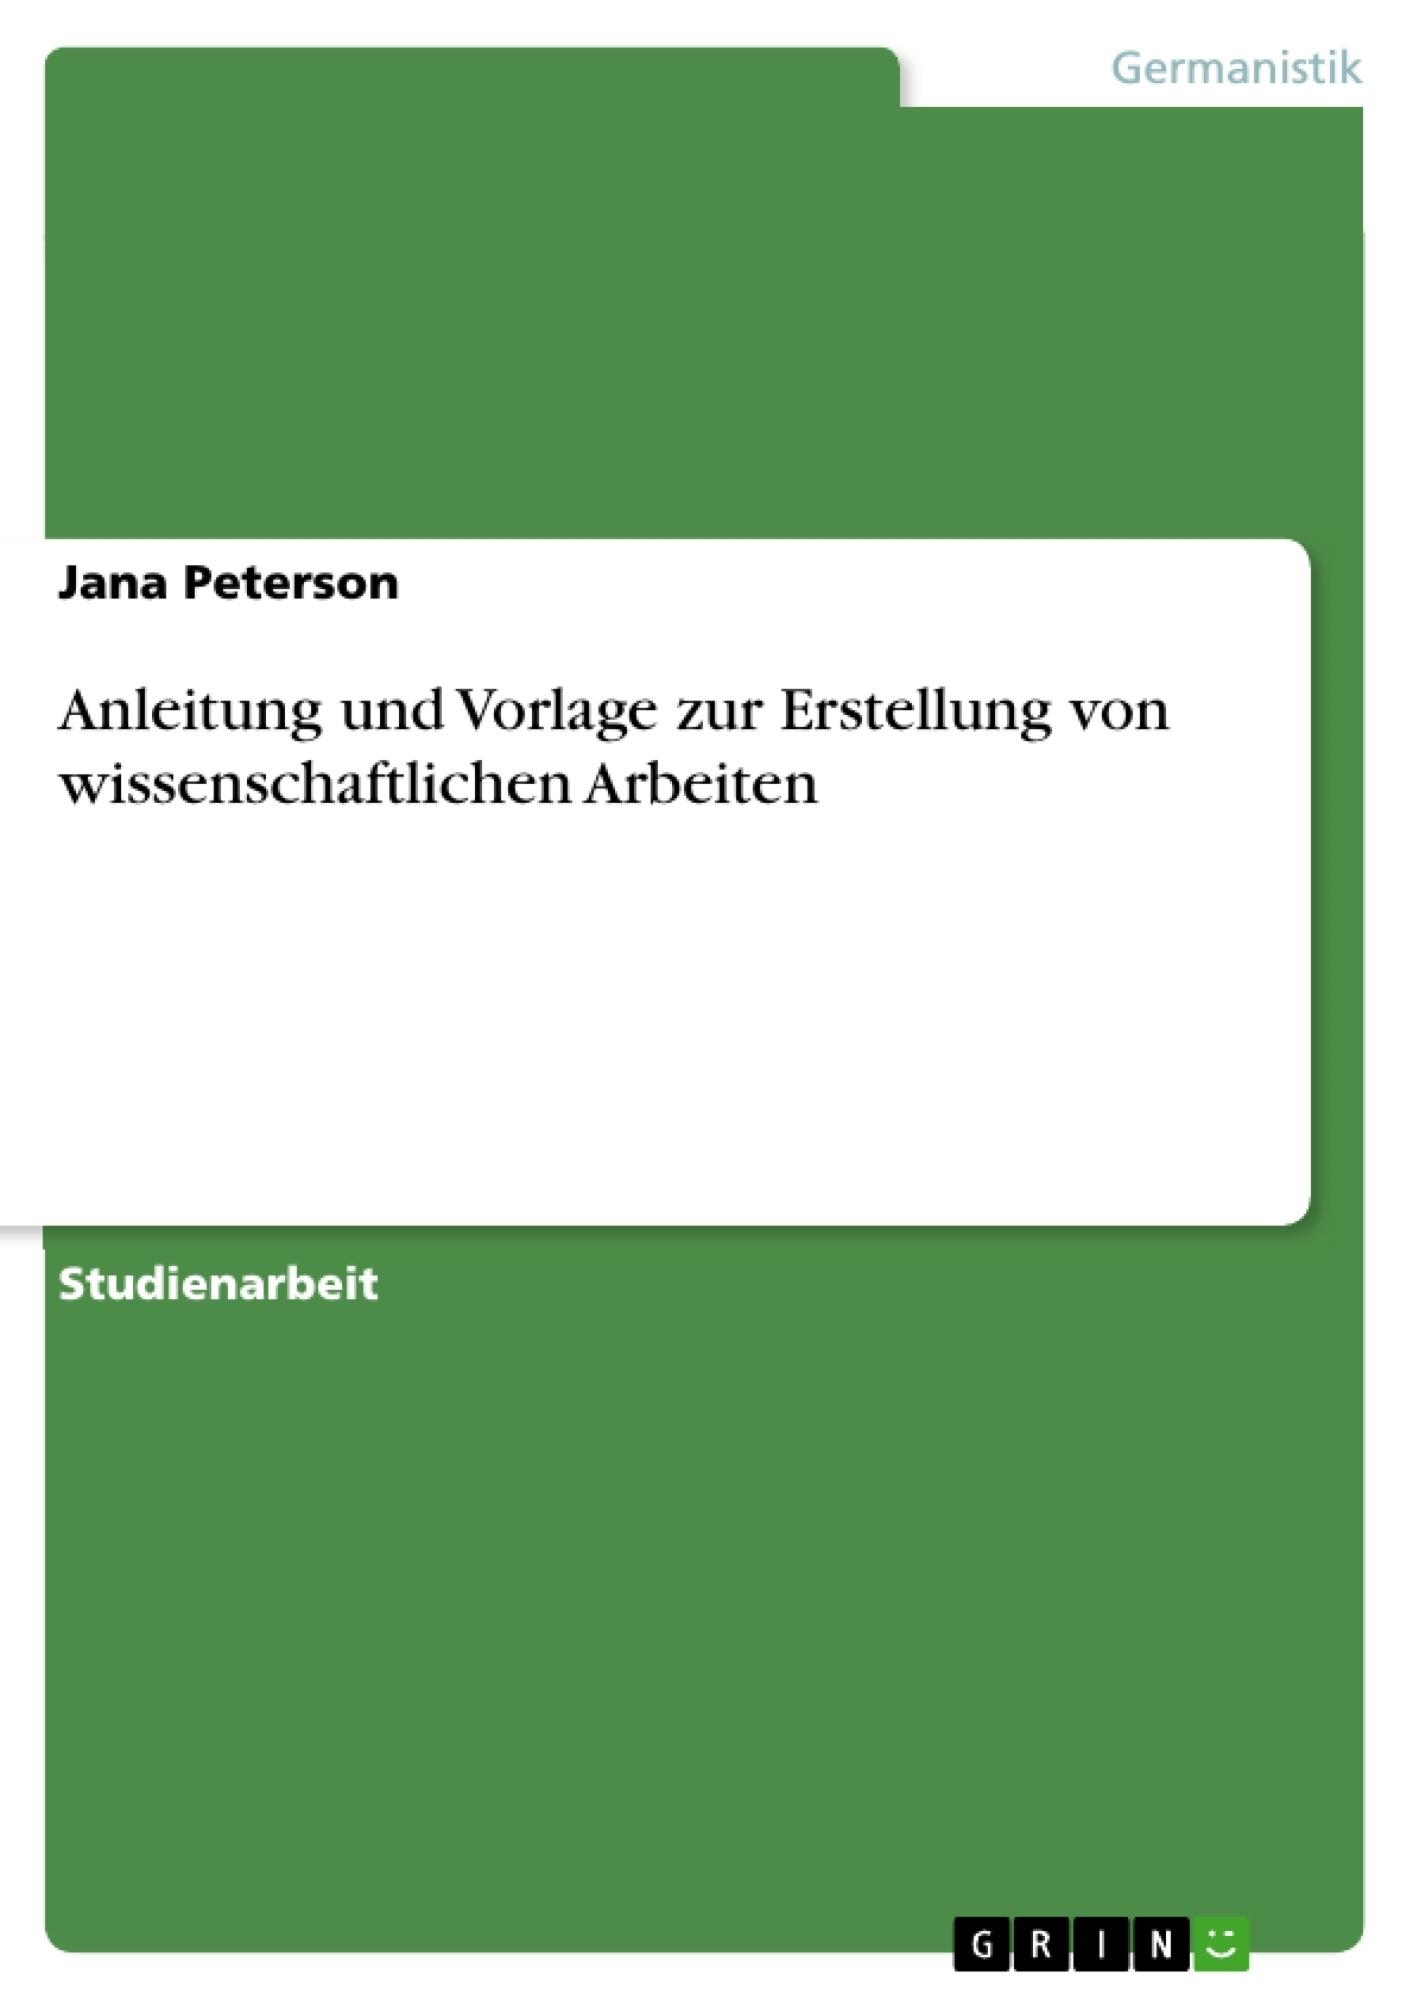 Titel: Anleitung und Vorlage zur Erstellung von wissenschaftlichen Arbeiten